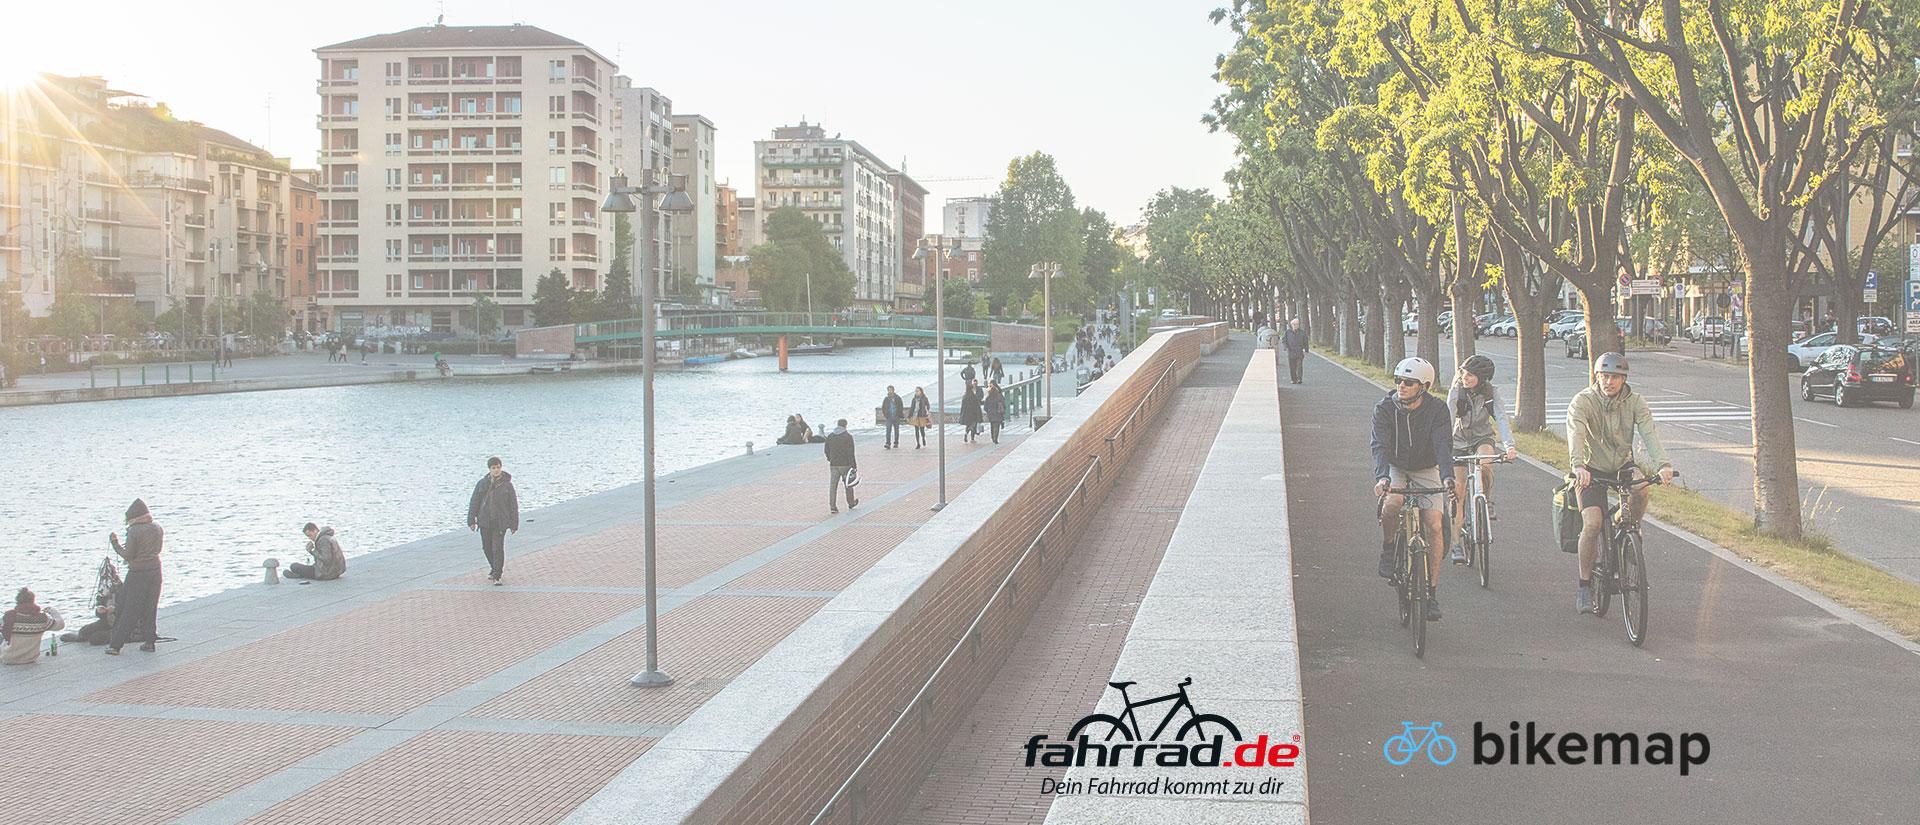 Top Fahrrad-Blog Wahl - Kategorie Stadtradeln / Fahrradpolitik